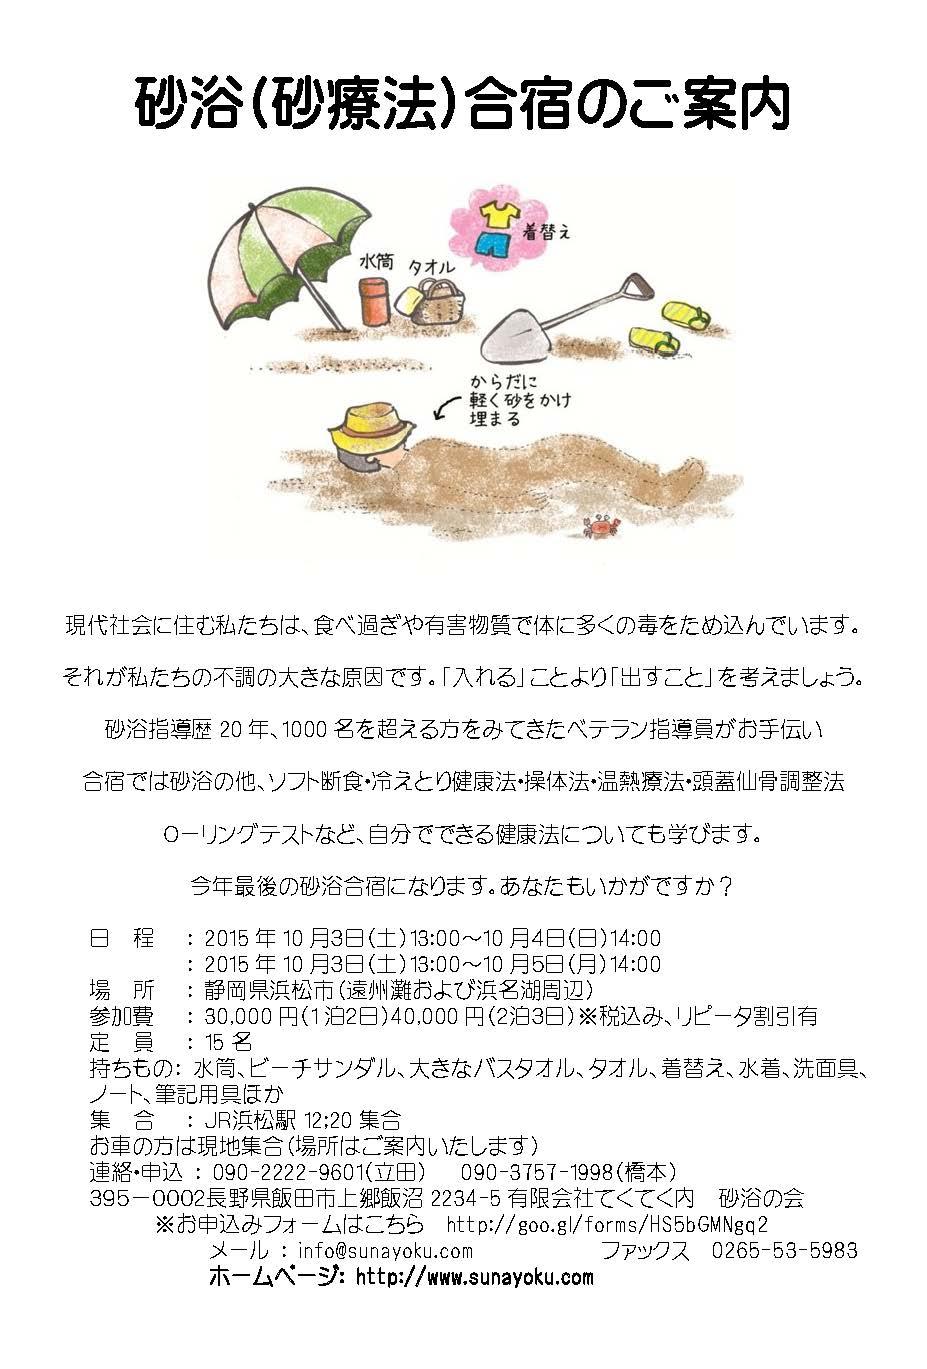 sunayoku201510_1